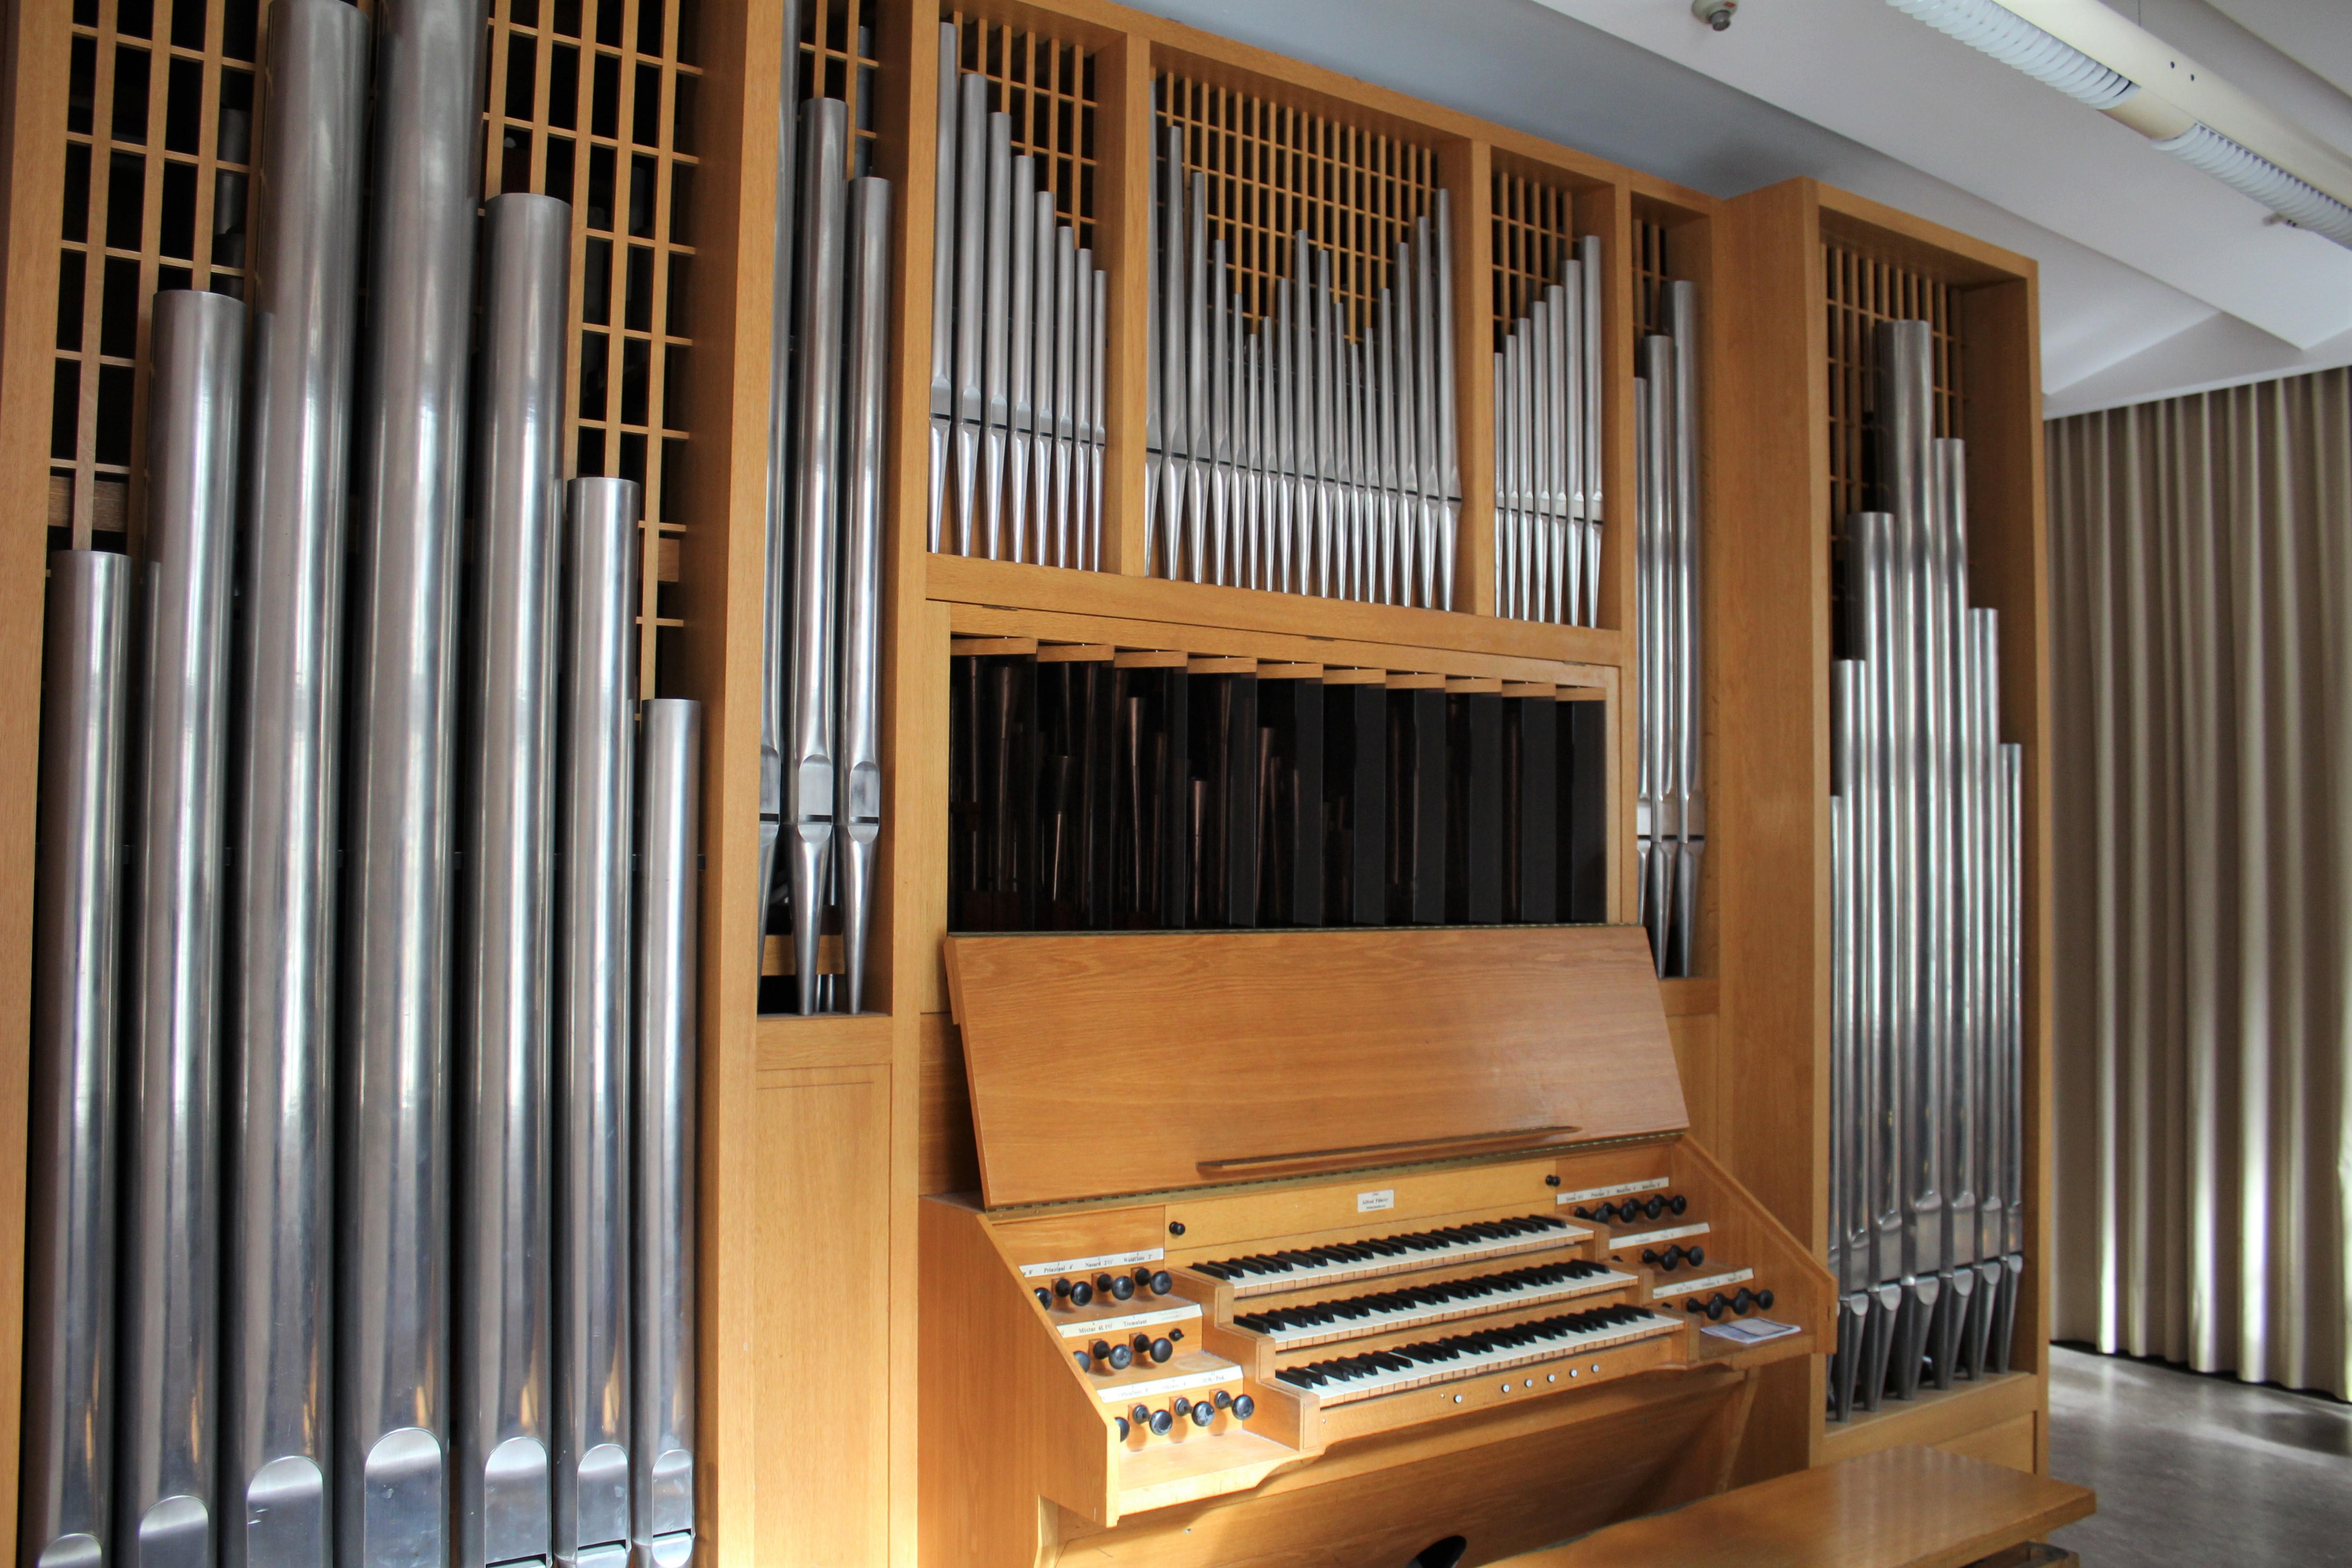 DateiLübeck Musikhochschule Orgel 21.jpg – Wikipedia